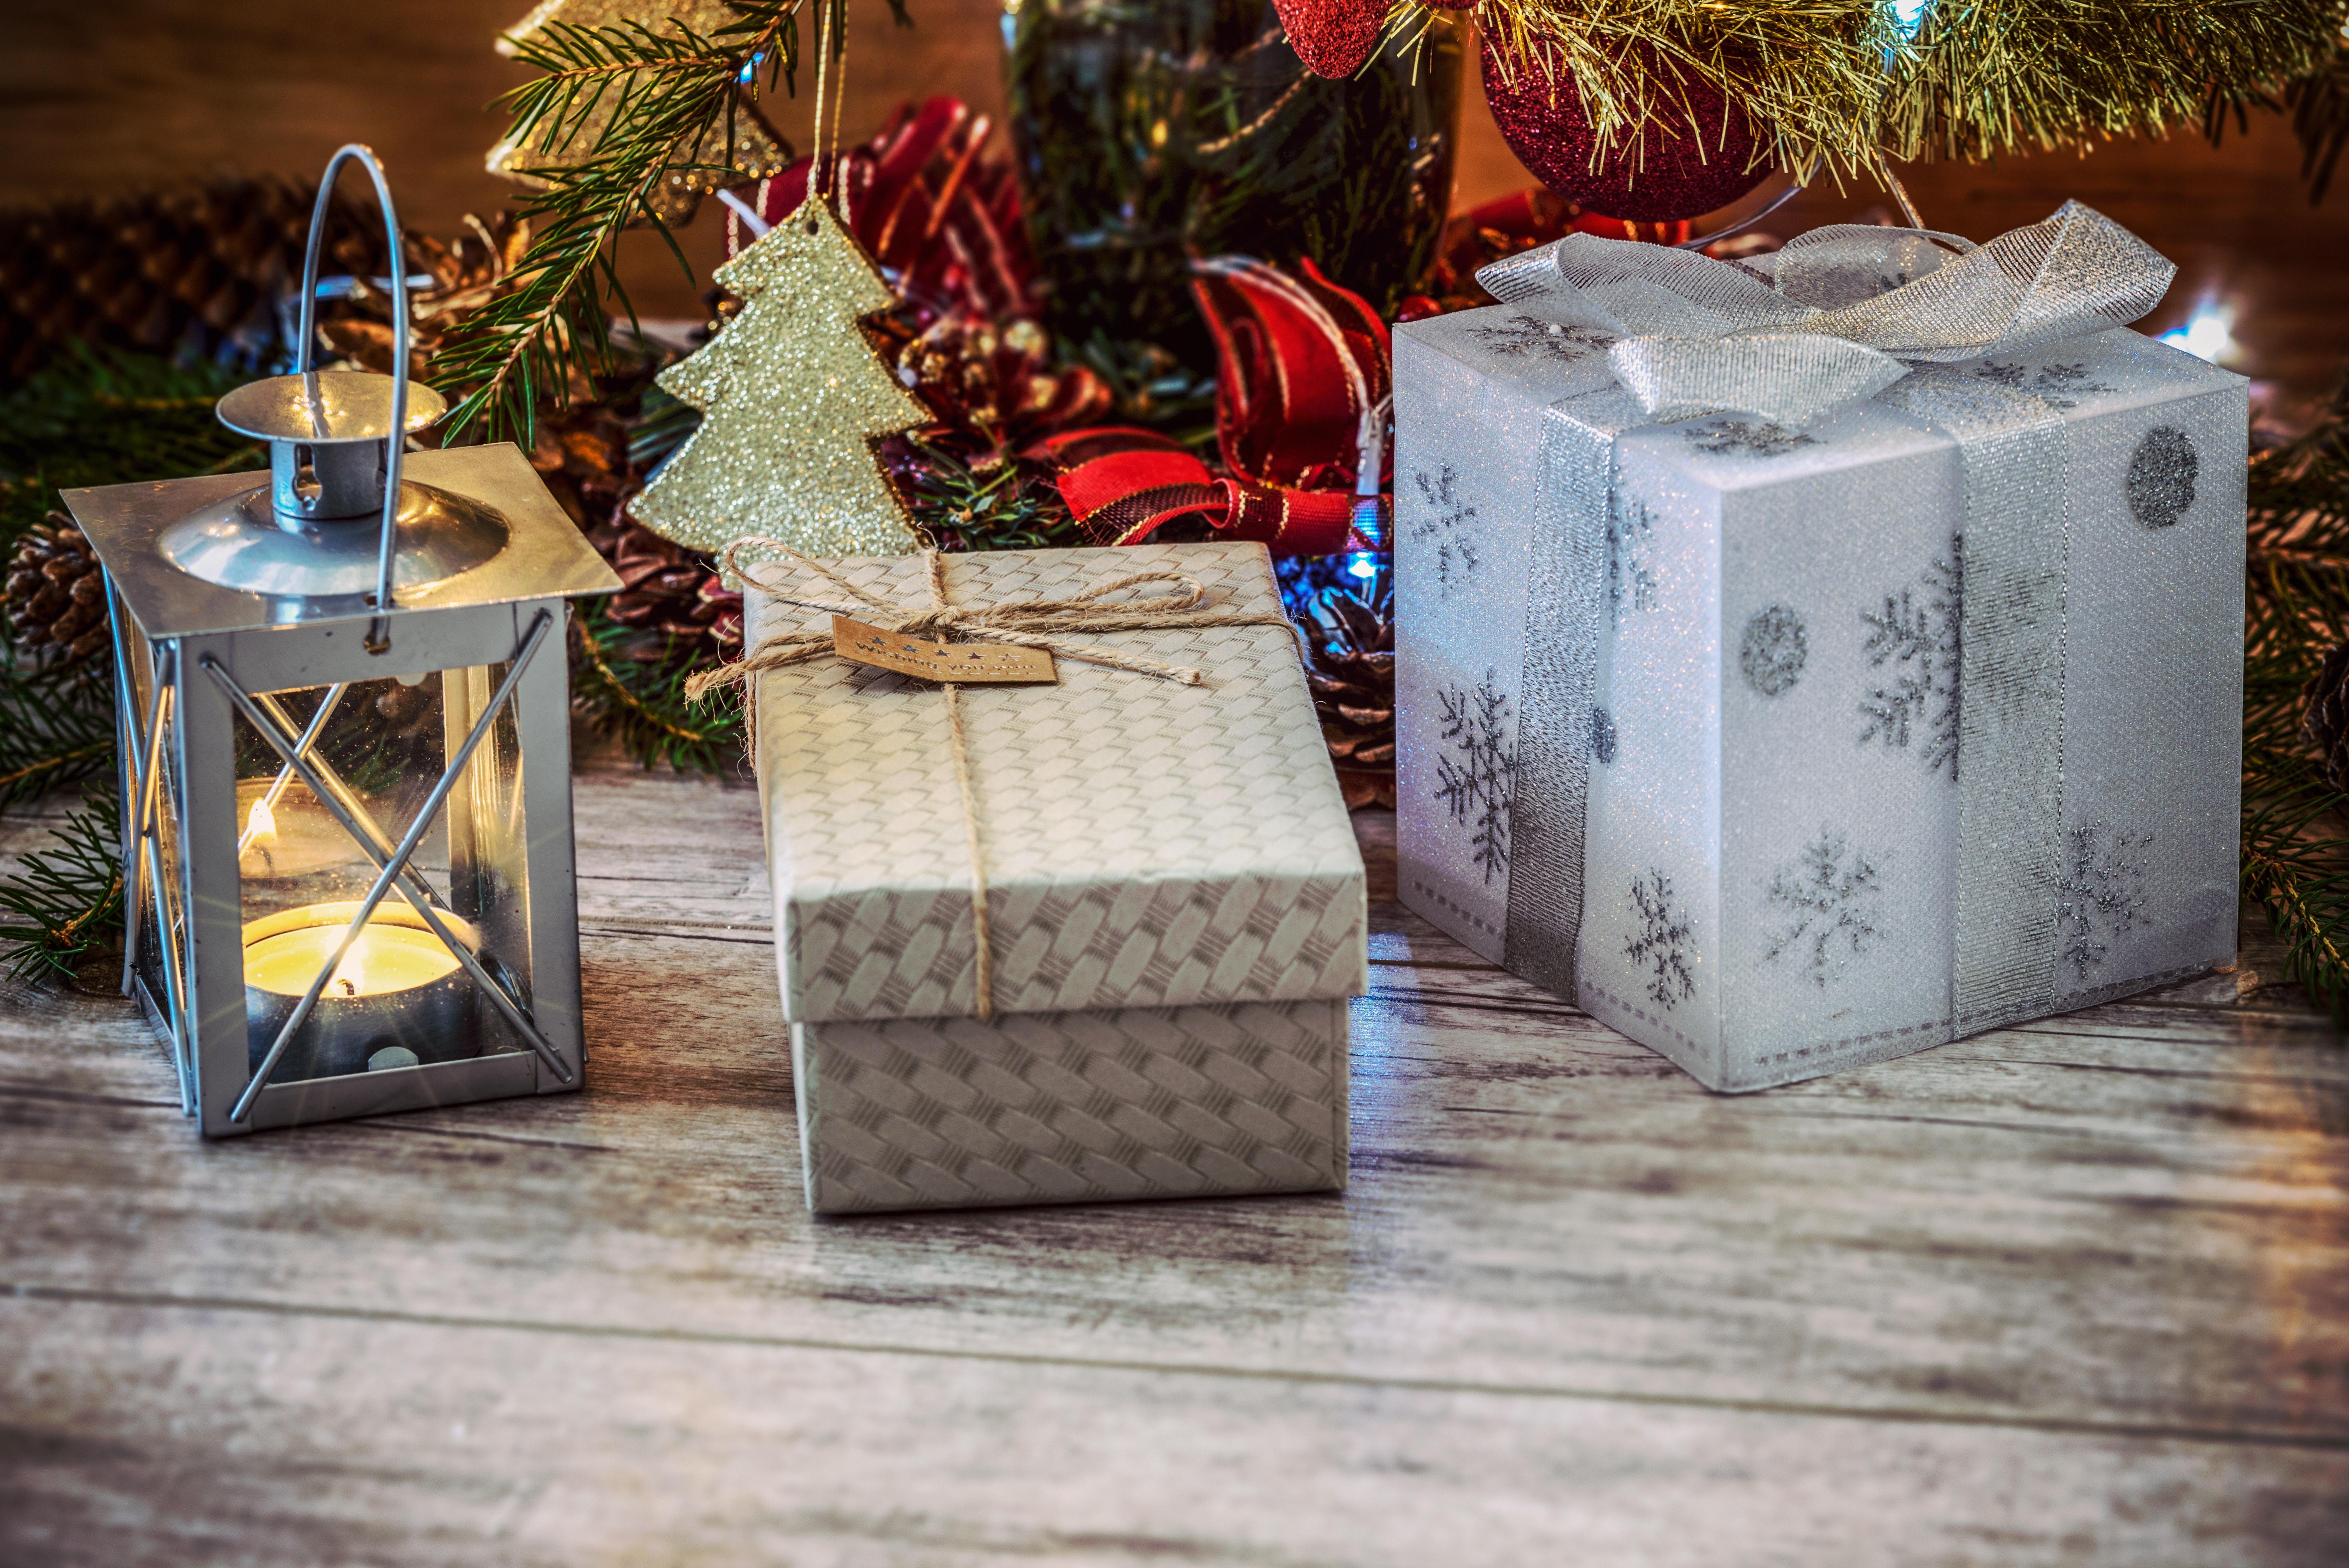 Tipy na nejlepší dárky pod stromeček pro všechny milovníky pečení